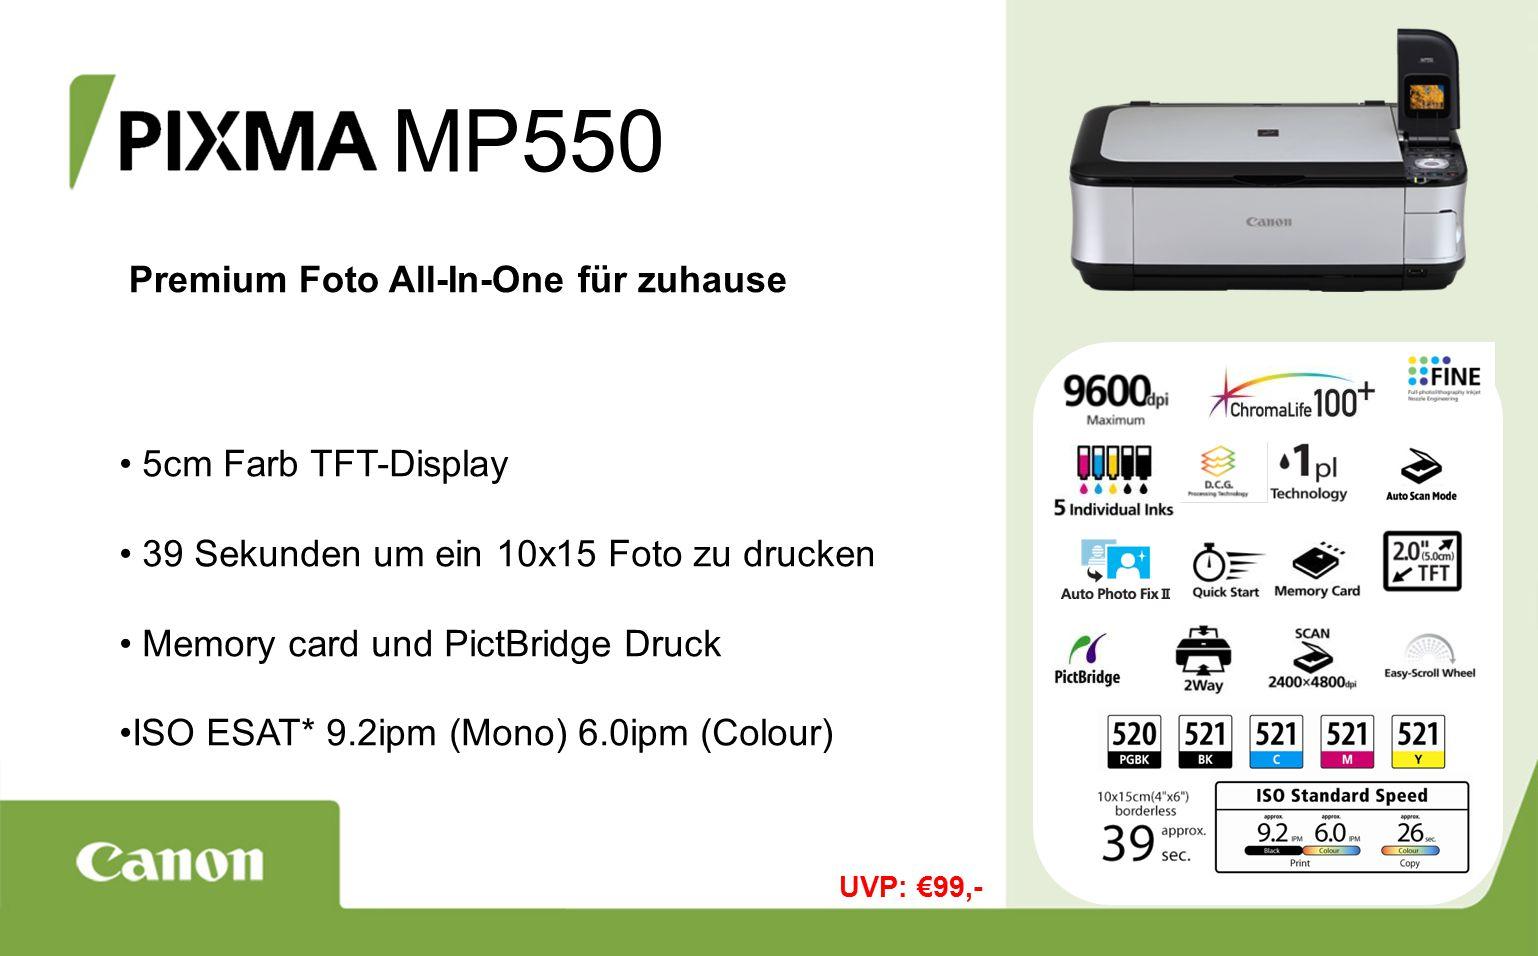 MP550 Premium Foto All-In-One für zuhause 5cm Farb TFT-Display 39 Sekunden um ein 10x15 Foto zu drucken Memory card und PictBridge Druck ISO ESAT* 9.2ipm (Mono) 6.0ipm (Colour) UVP: €99,-